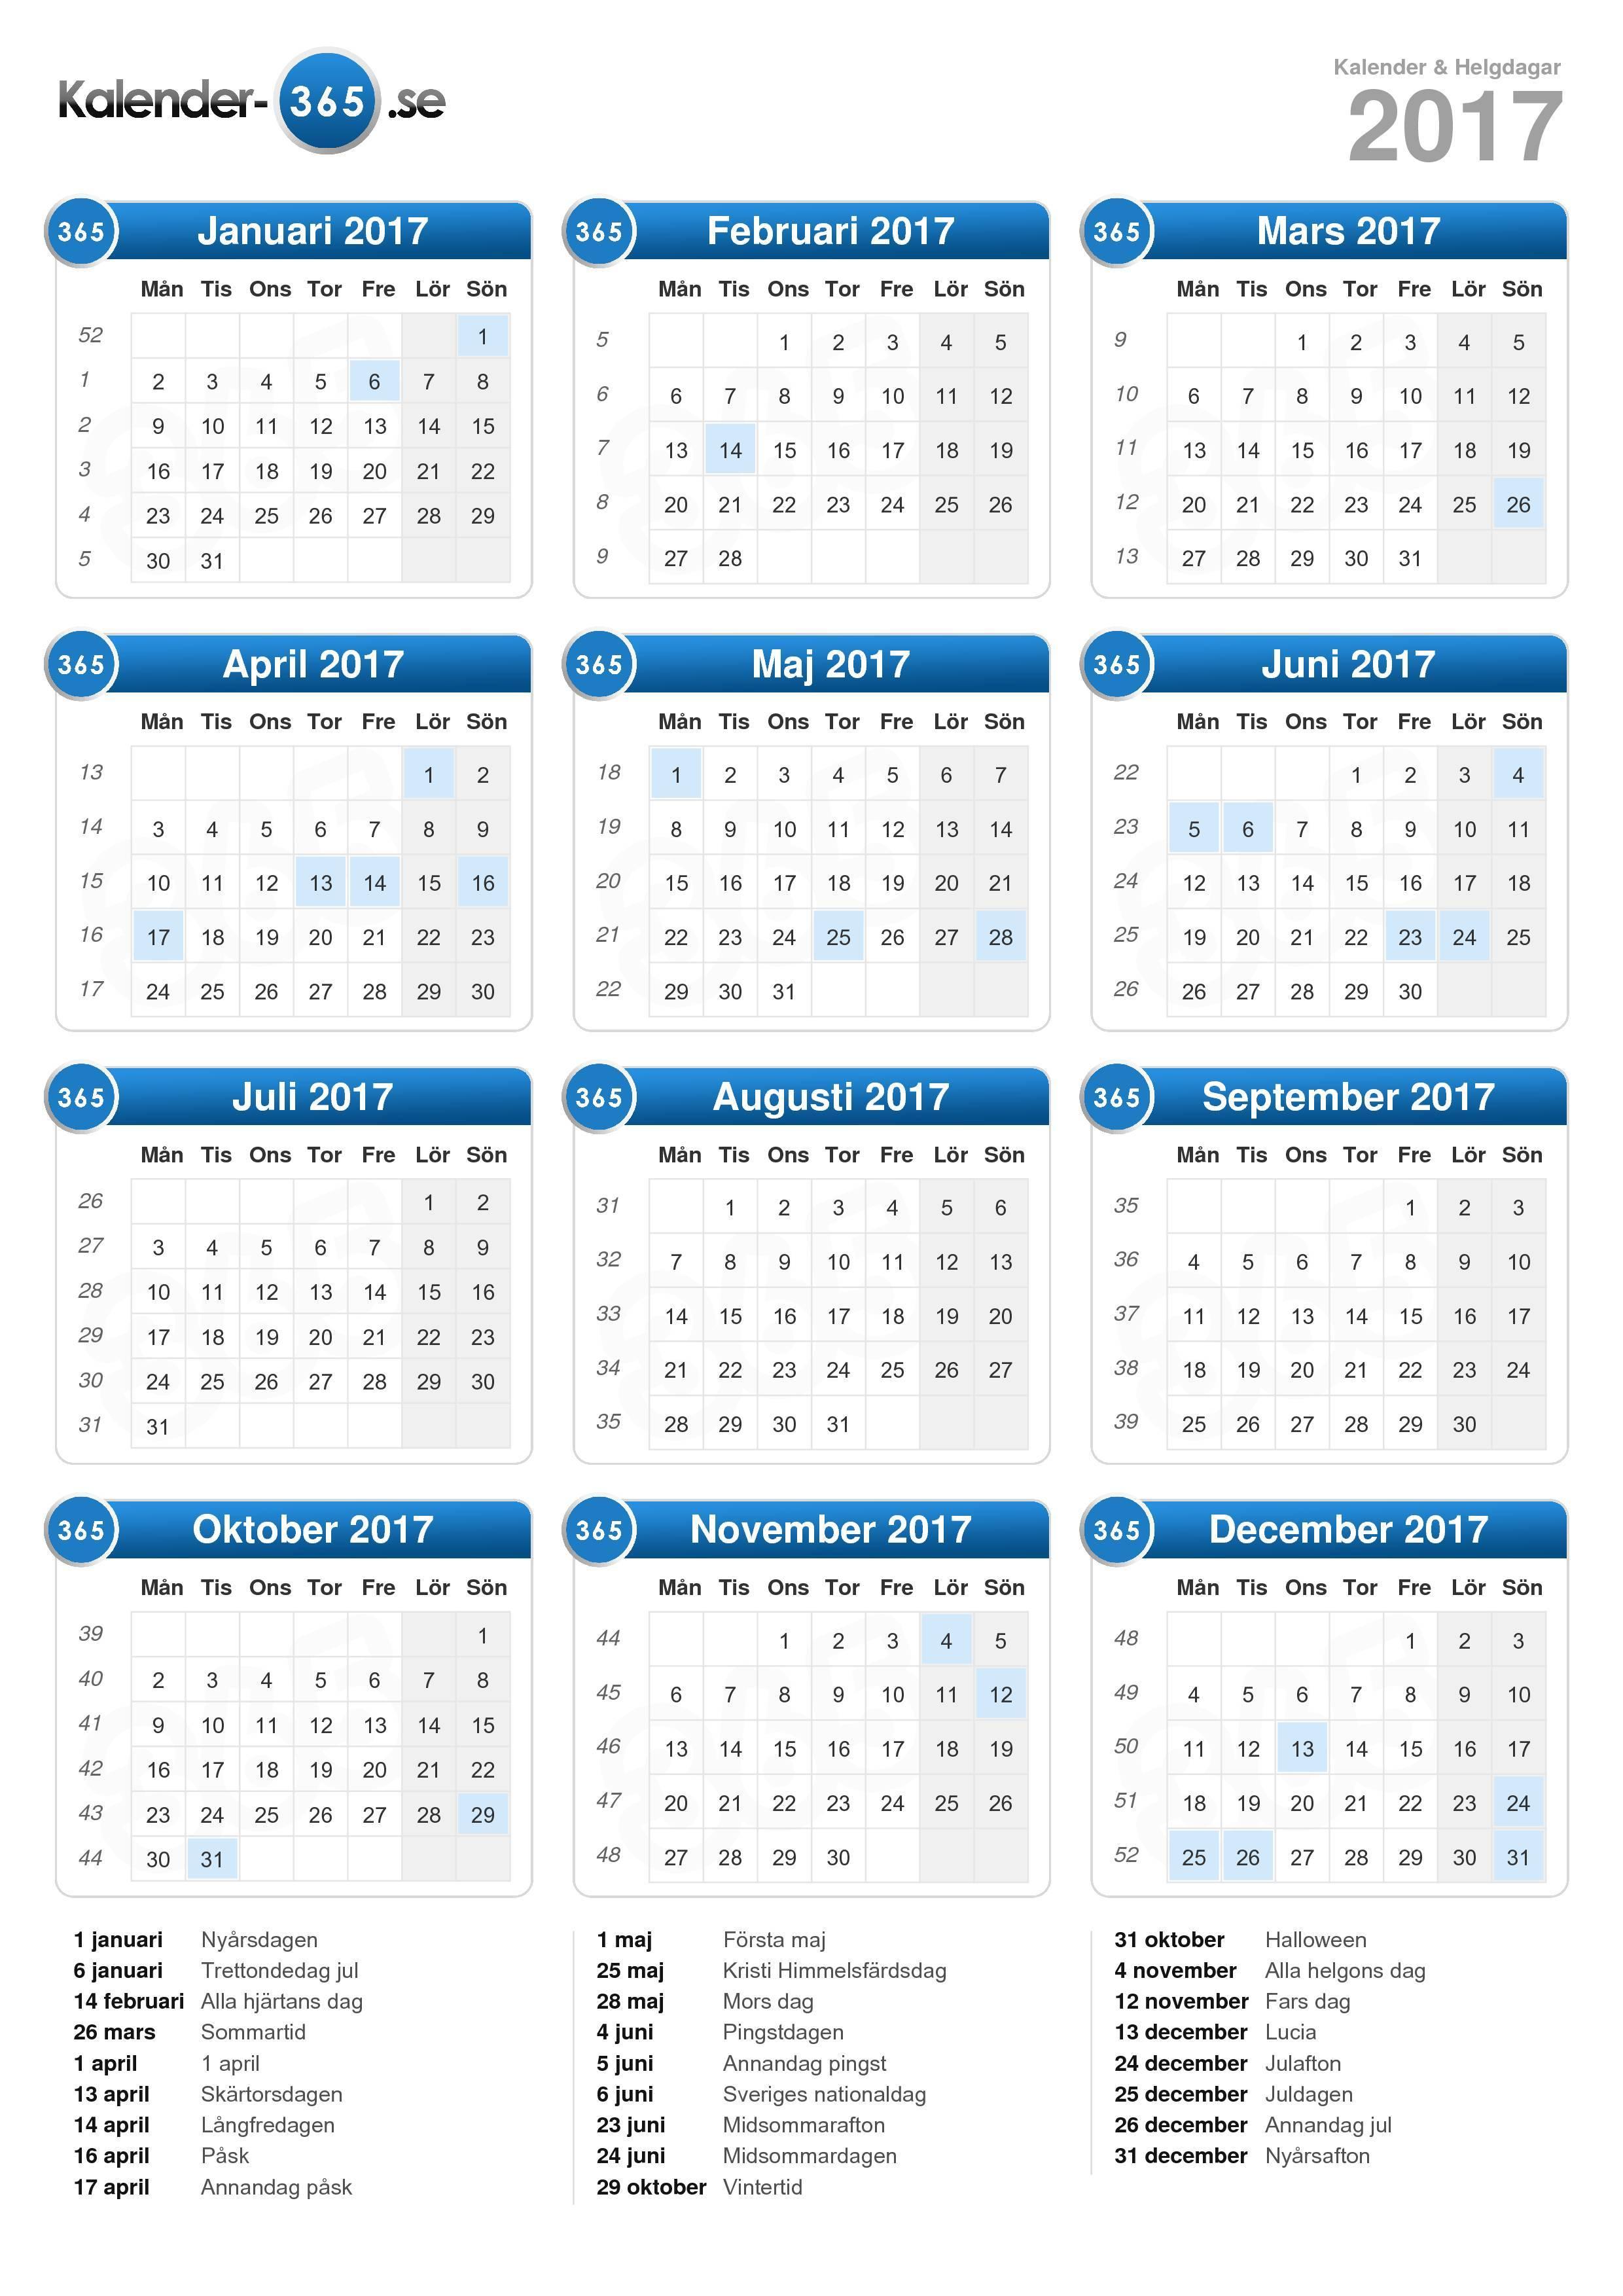 Kalender 2017 (stående format)